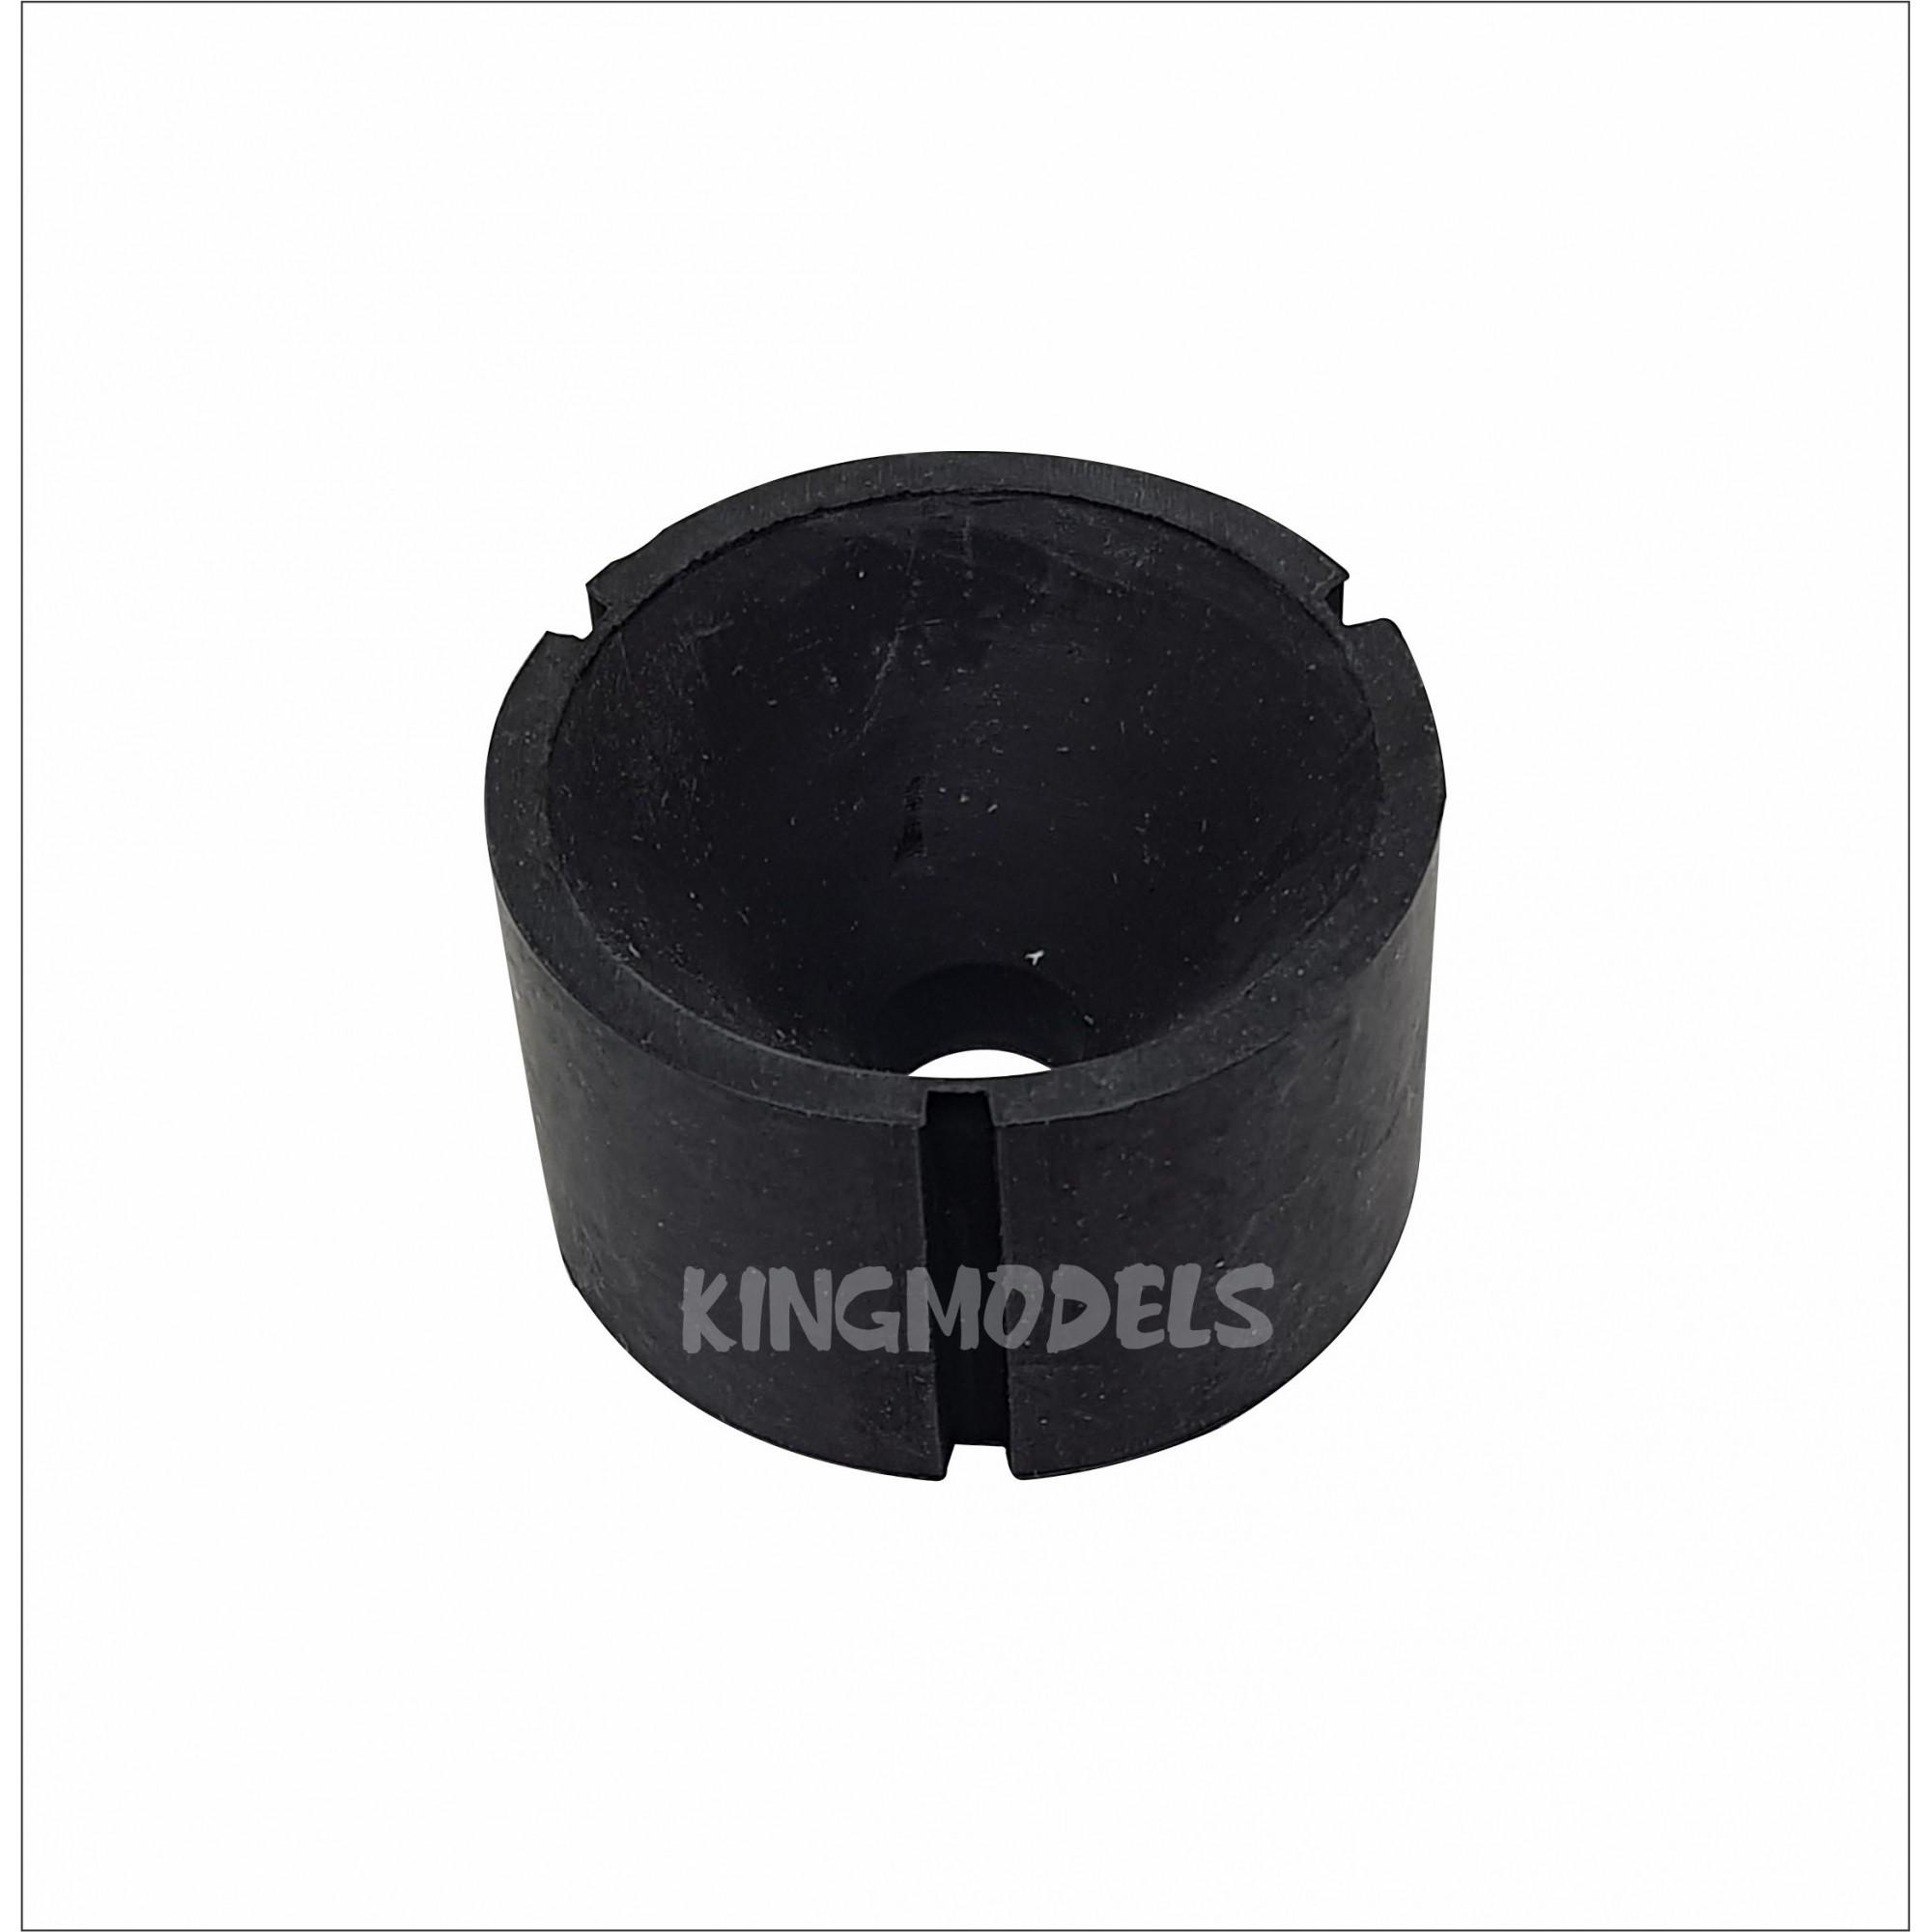 Cone De Silicone Grande - Uso Em Starter Elétrico - 52x30mm  - King Models